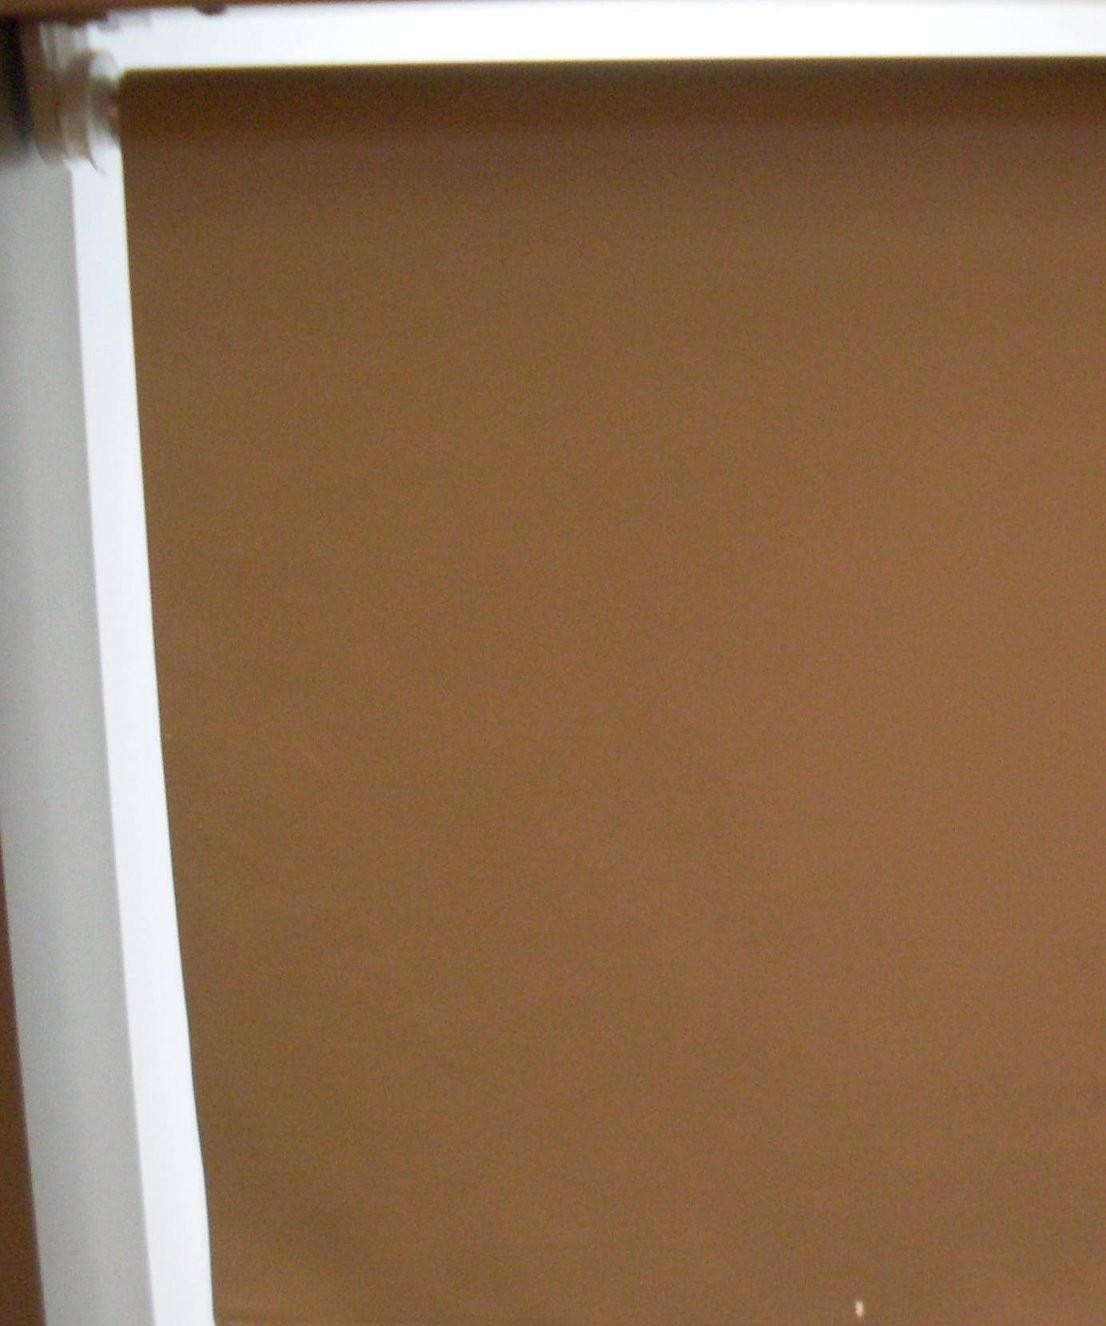 37 Ideen Zum Seitlicher Sichtschutz Für Balkon Ohne Bohren von Seitlicher Sichtschutz Für Balkon Ohne Bohren Photo